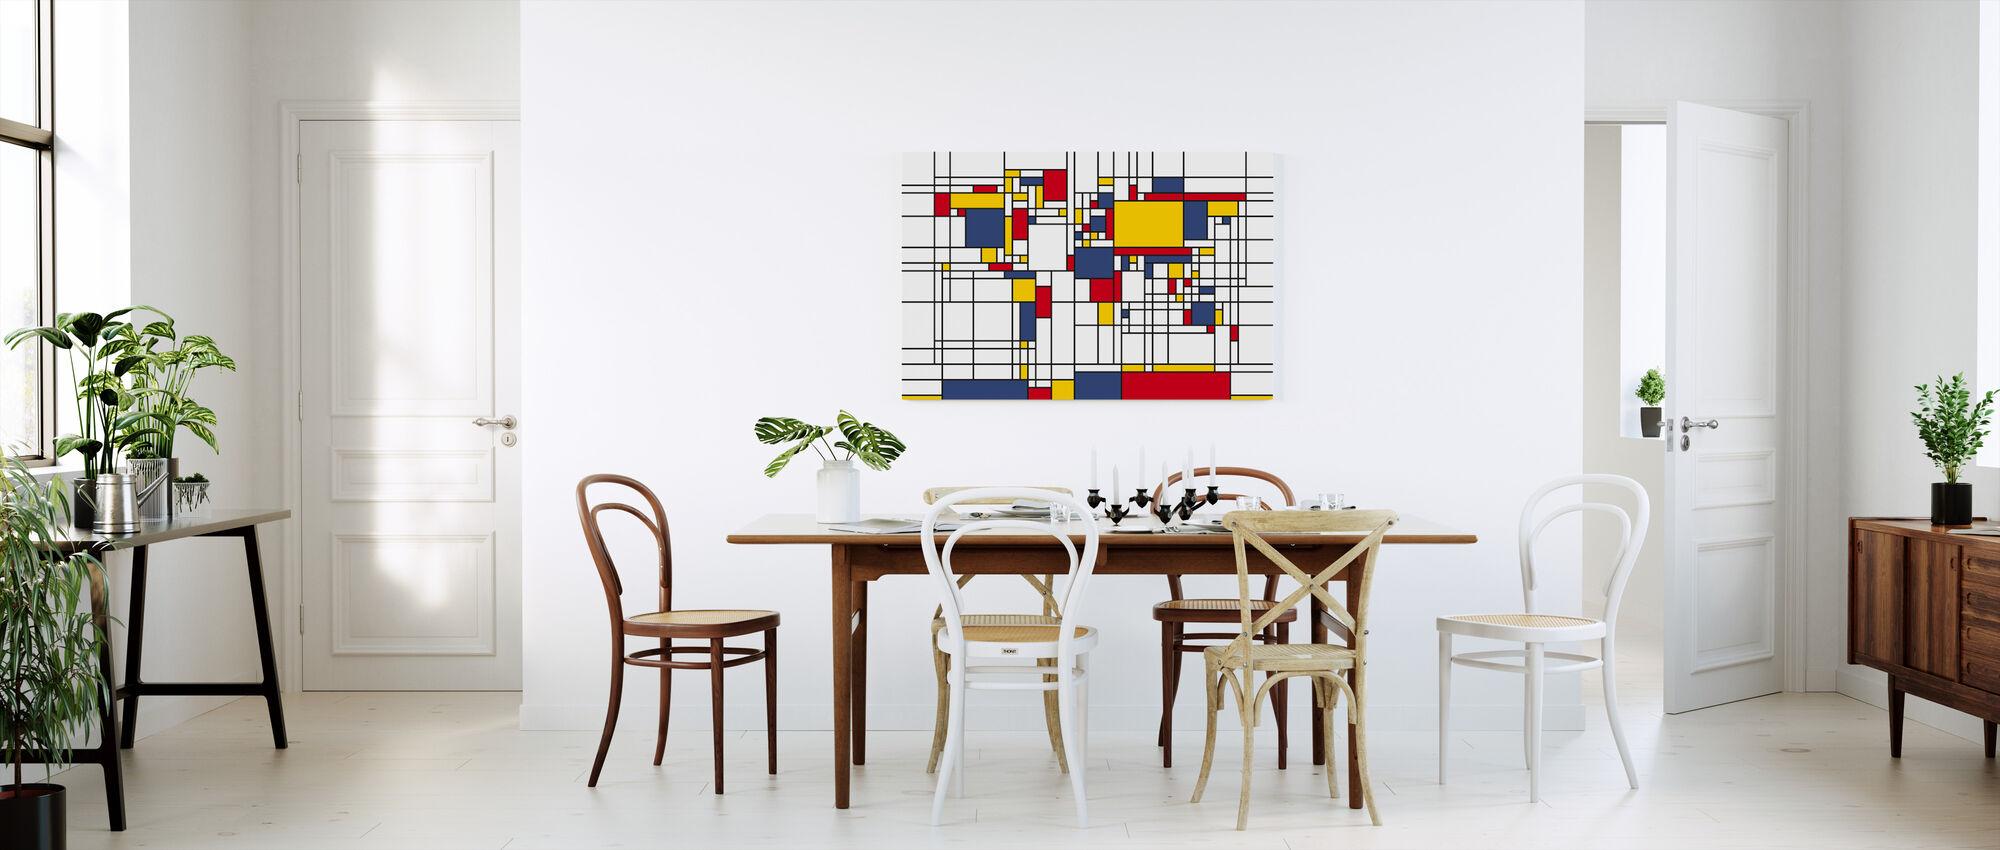 Piet Mondrian Style Carte du monde - Impression sur toile - Cuisine